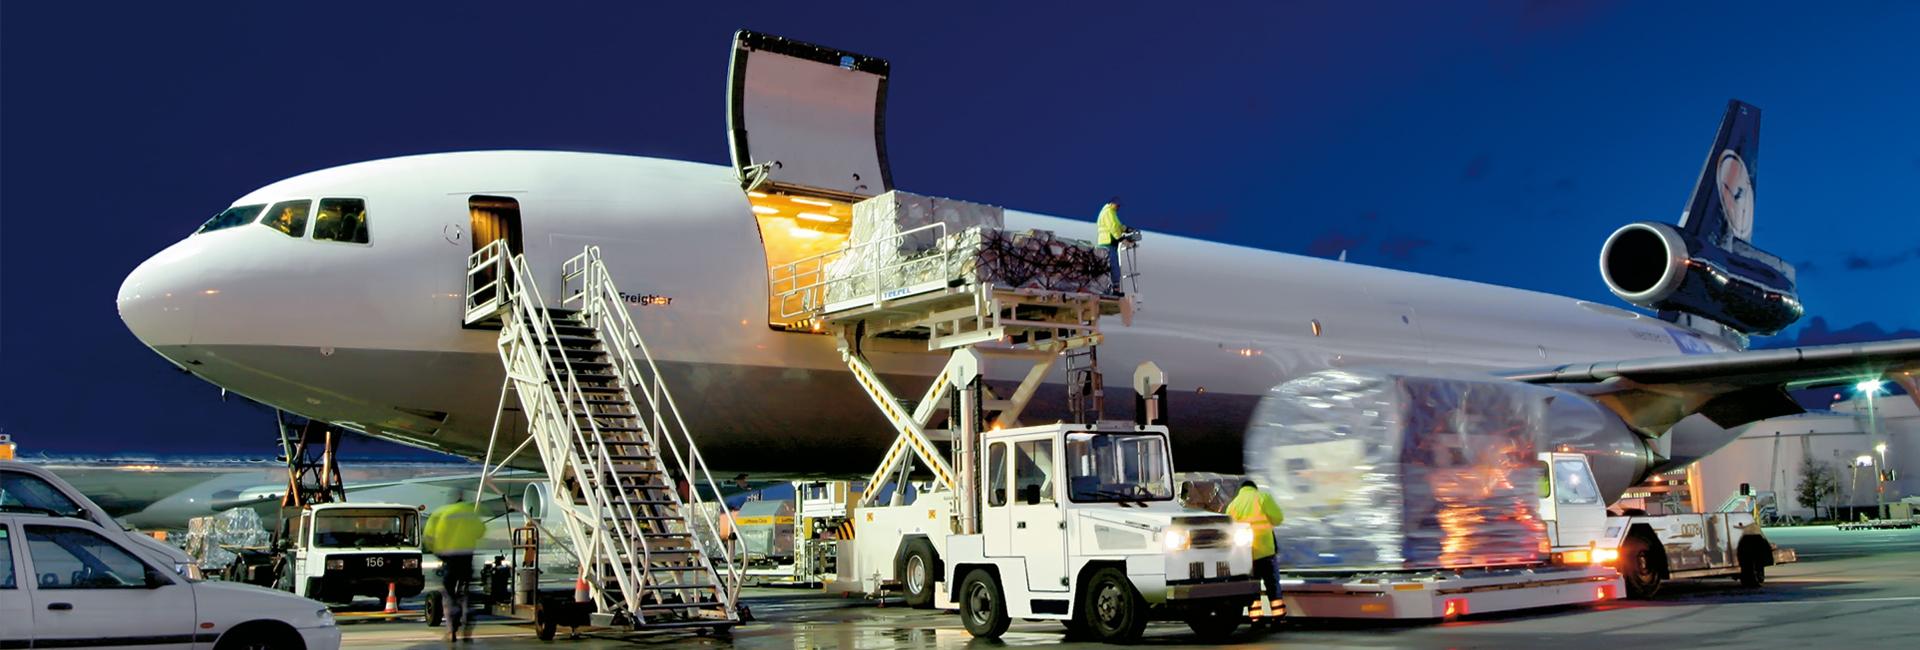 Авиаперевозки груза и таможенное оформление